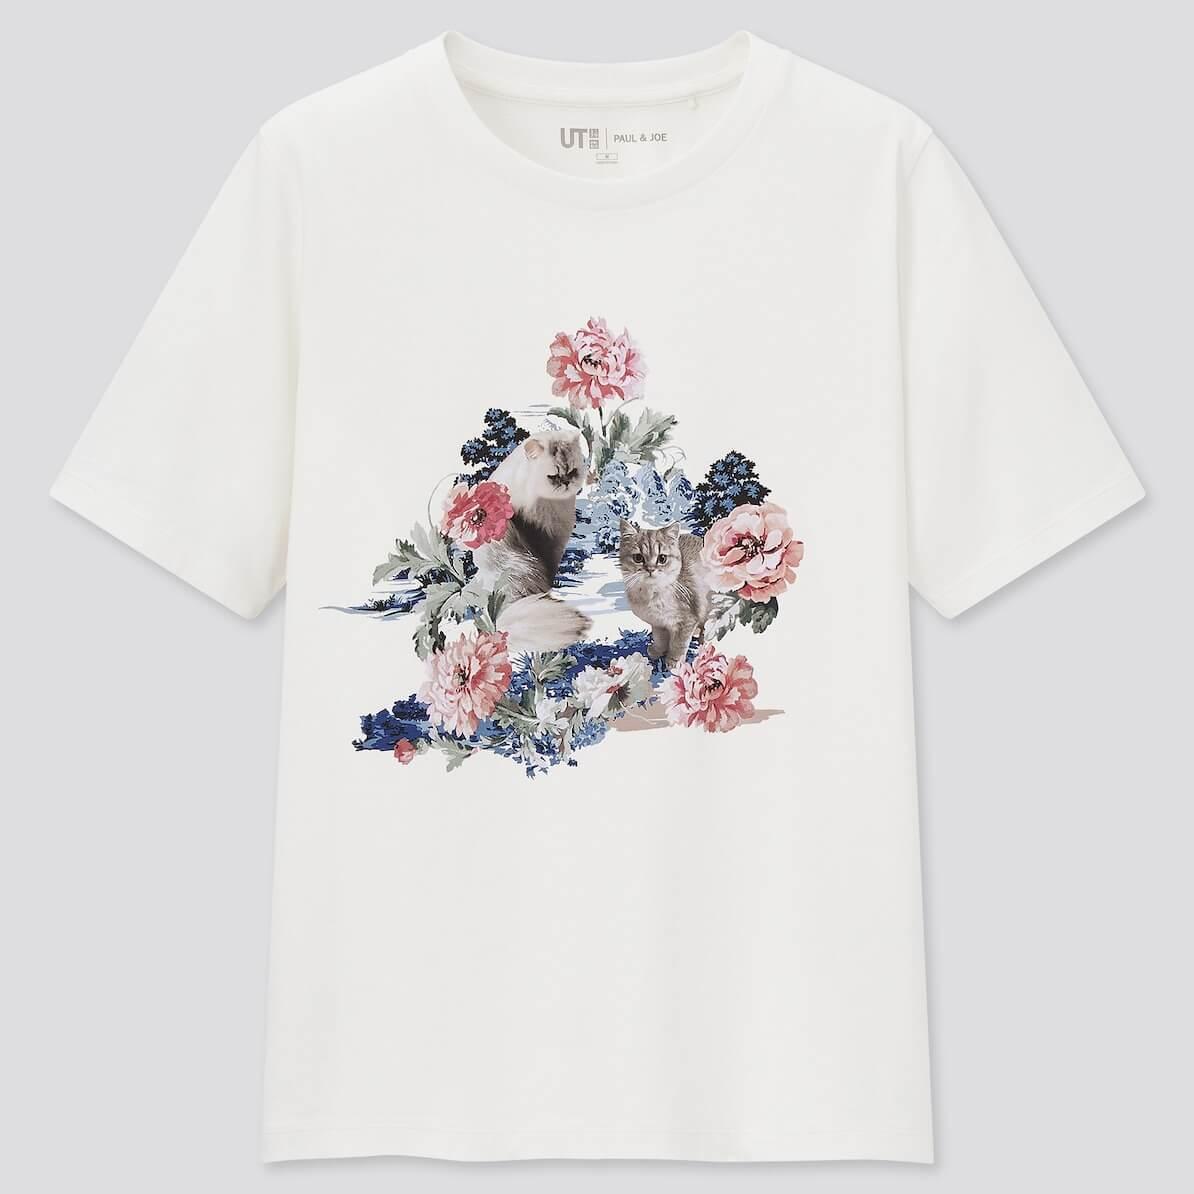 猫のGipsy & NounetteをモチーフにしたTシャツ by UTとポールアンドジョーのコラボ商品